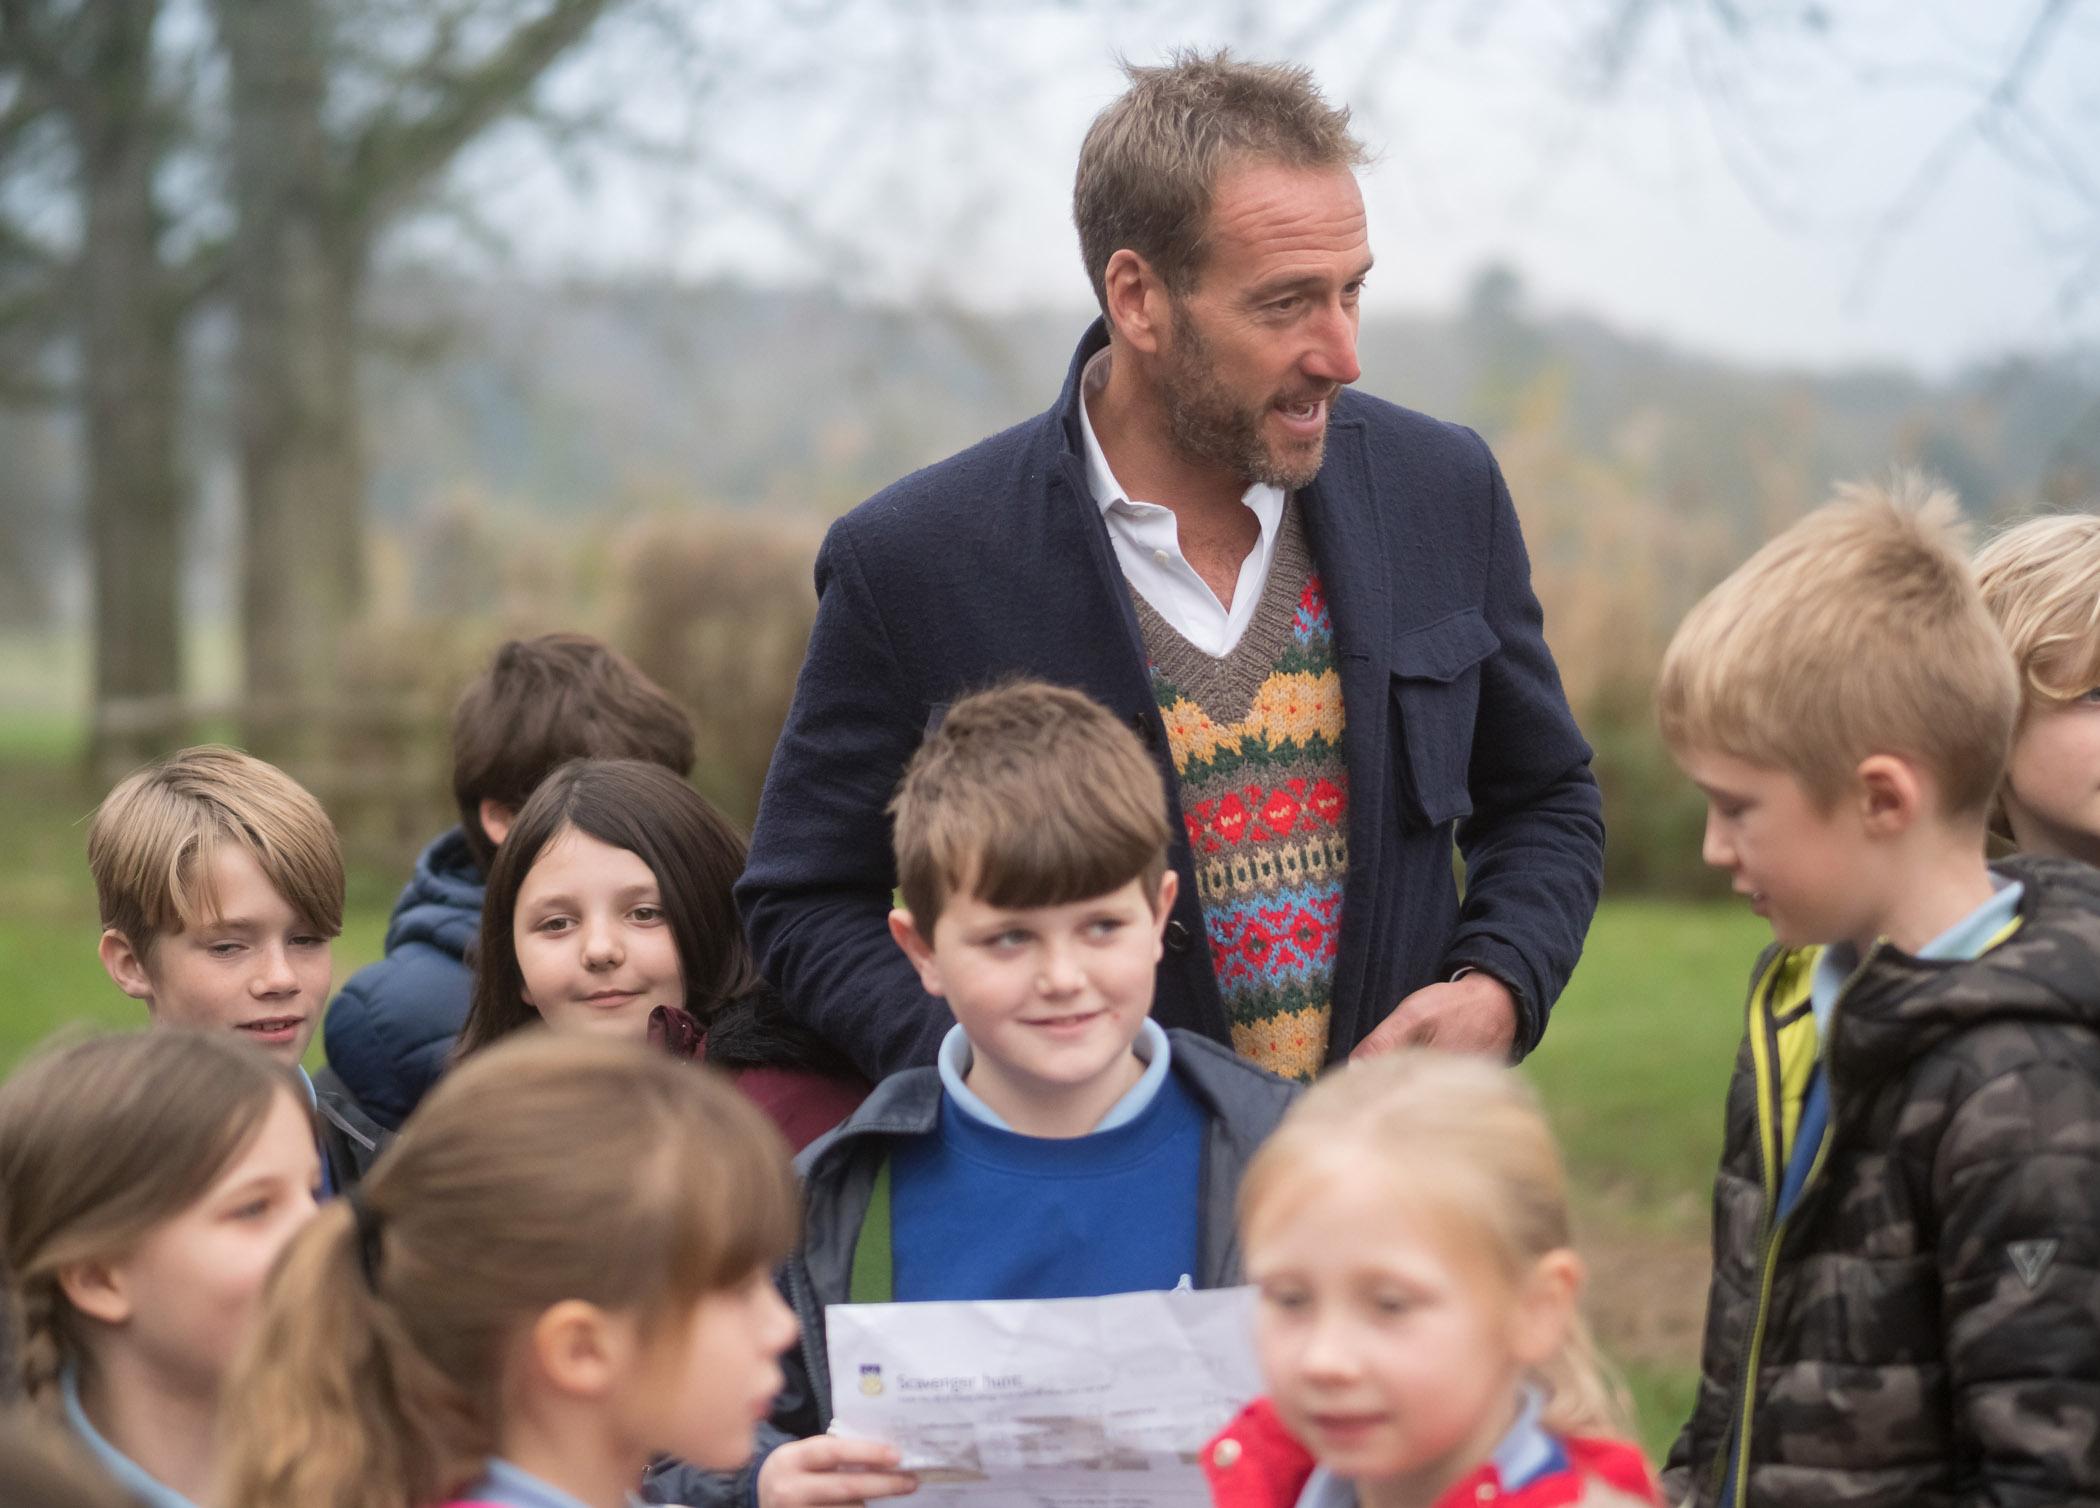 Bryanston BF7 - Former Bryanston pupil, Ben Fogle meets pupils from Durweston CV EA Primary School near Blandford.jpg